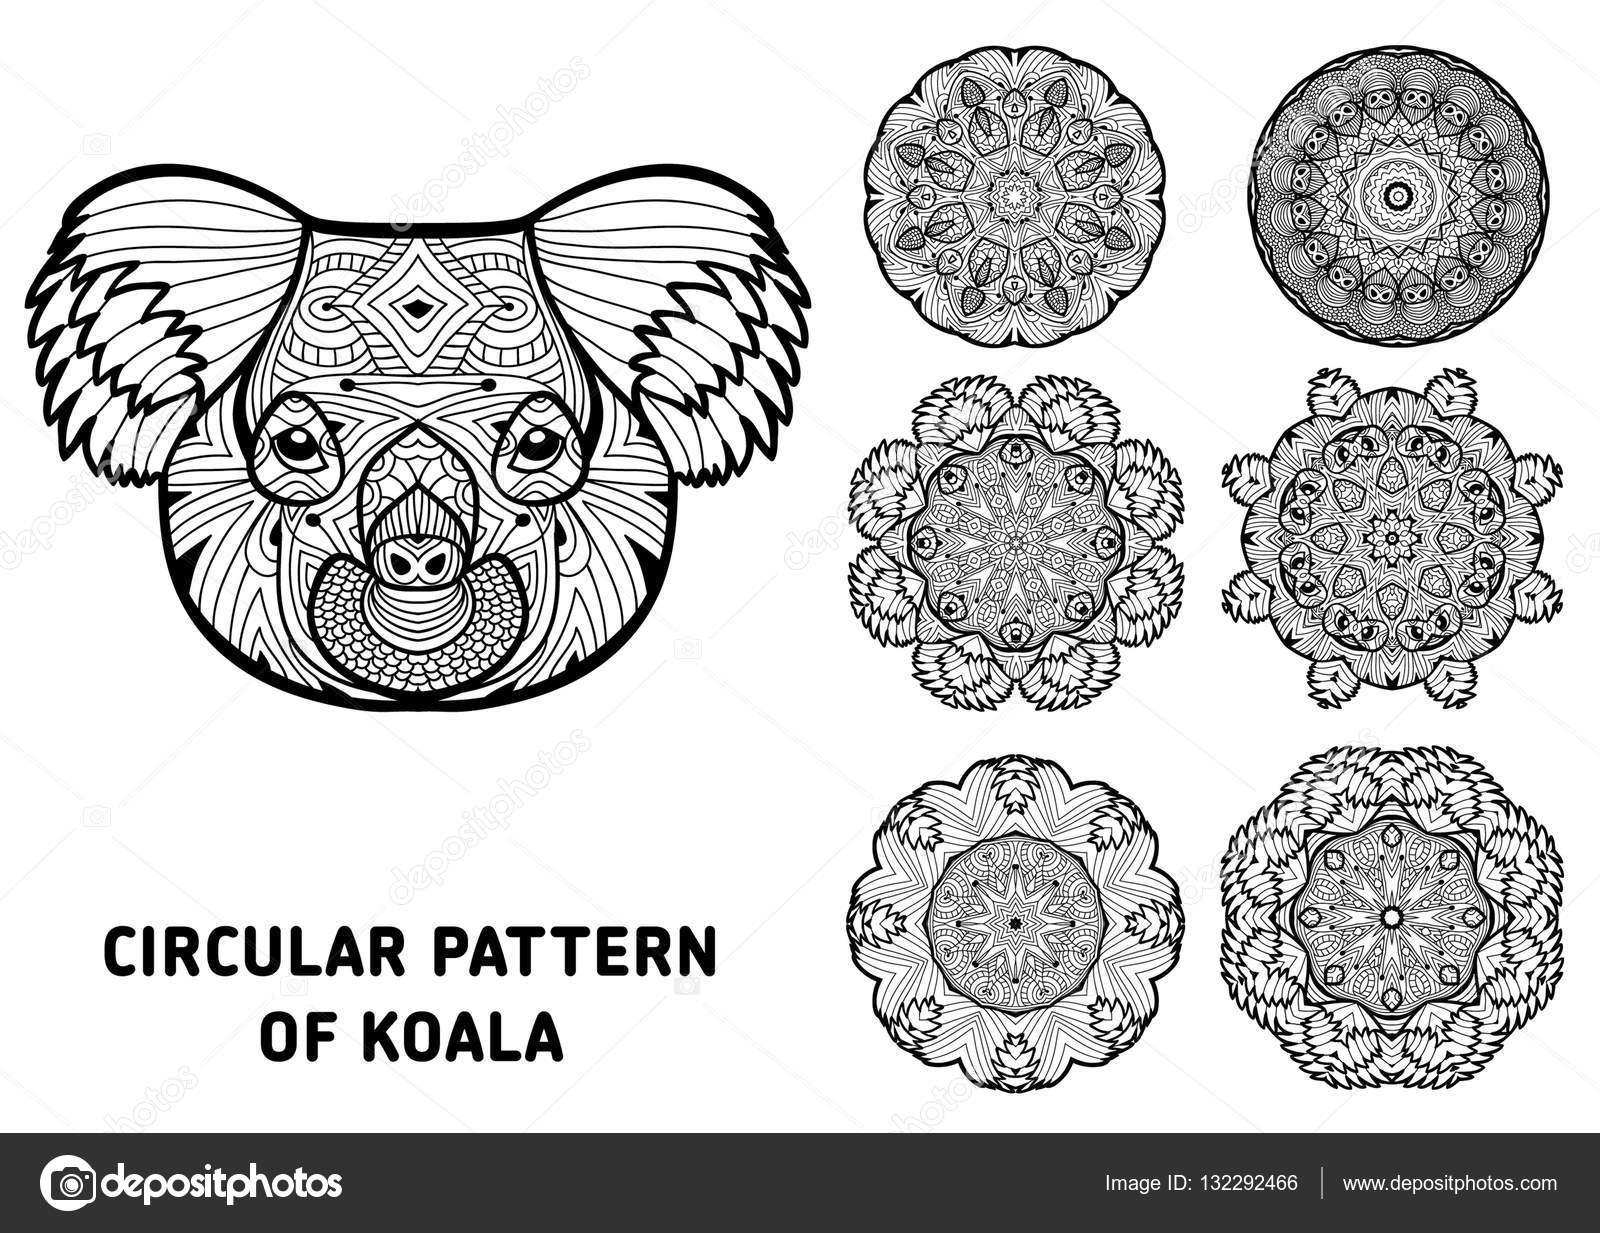 Kleurboek Voor Volwassenen Het Hoofd Van Een Koala Met Patronen